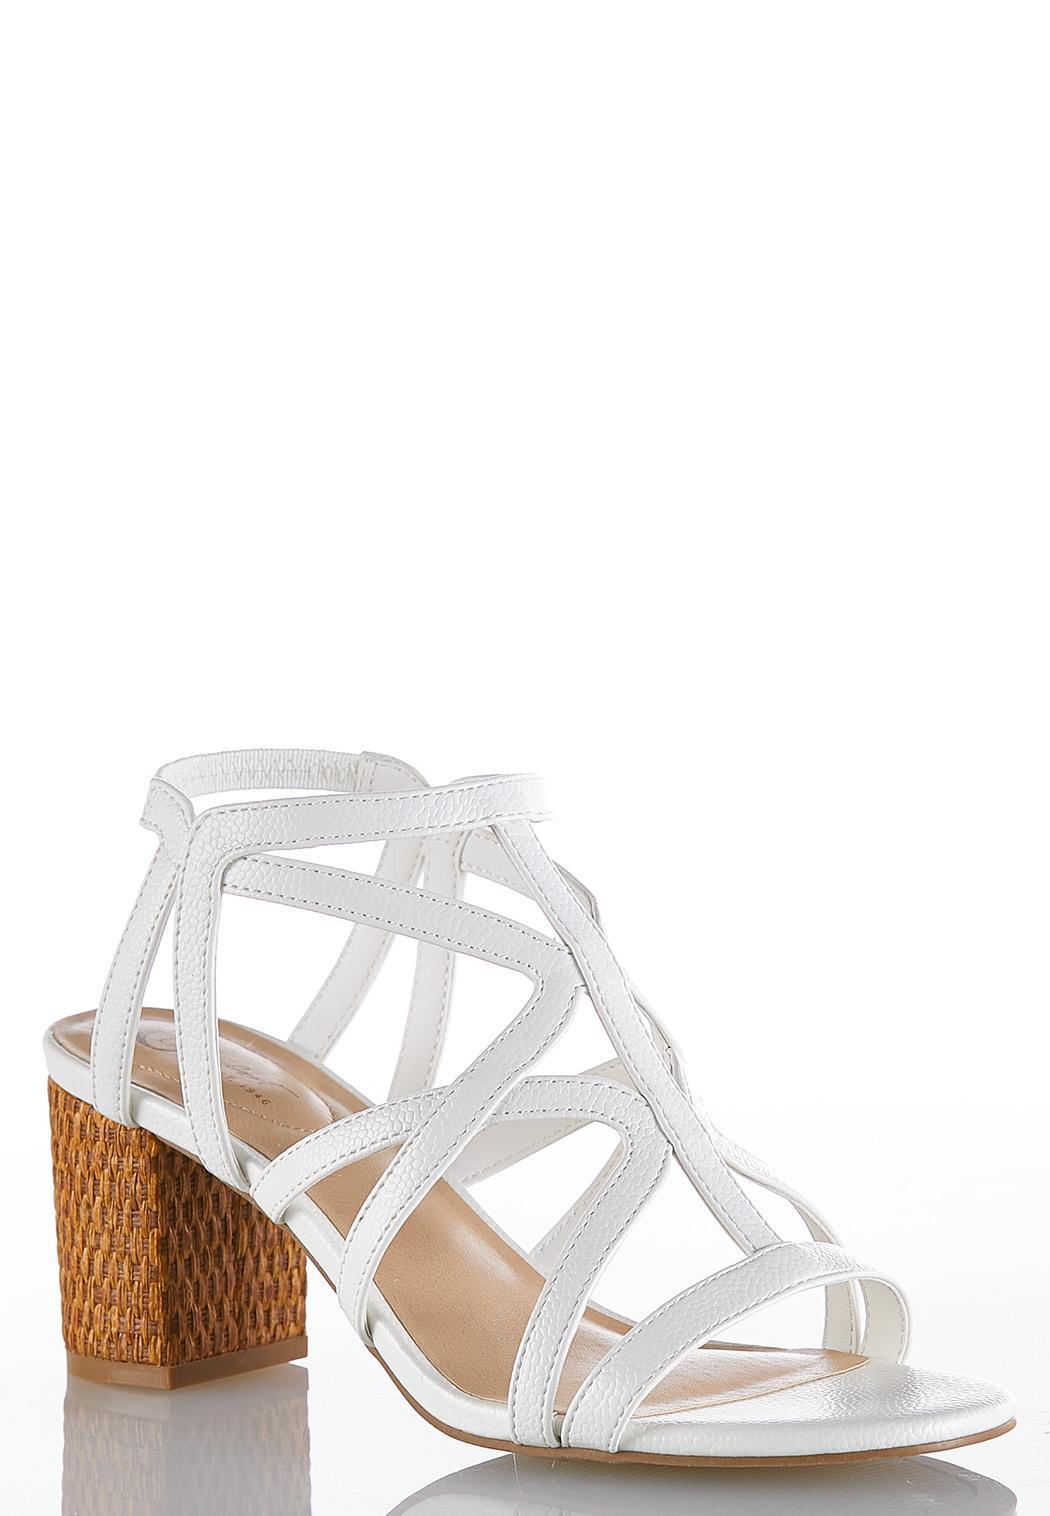 1881776250a0 Women s Shoes - Boots